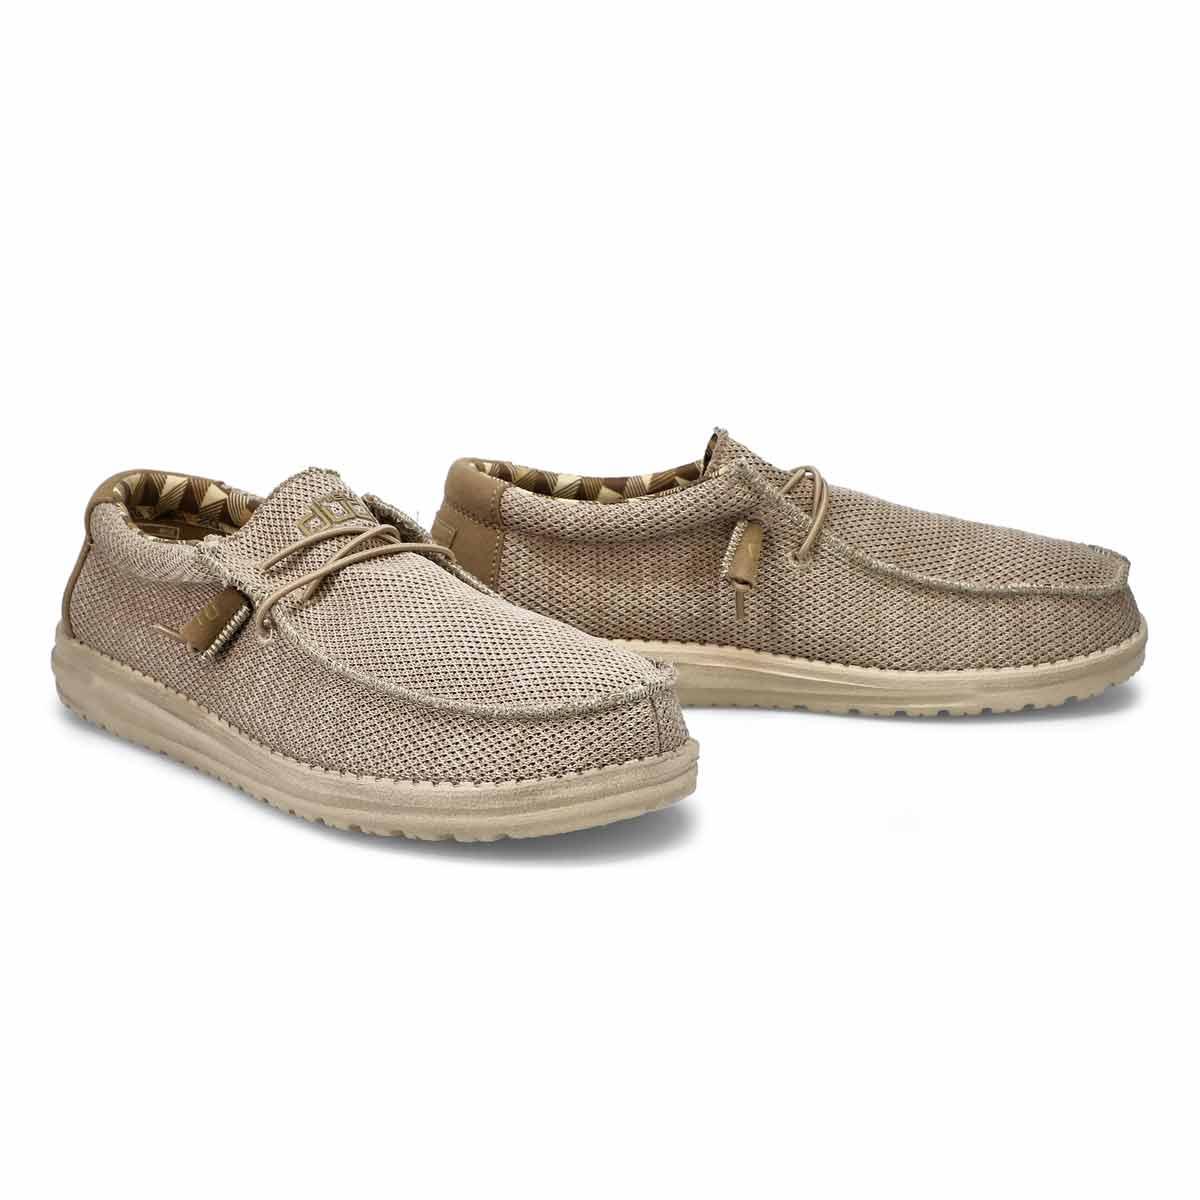 Men's Wally Sox Shoes - Beige